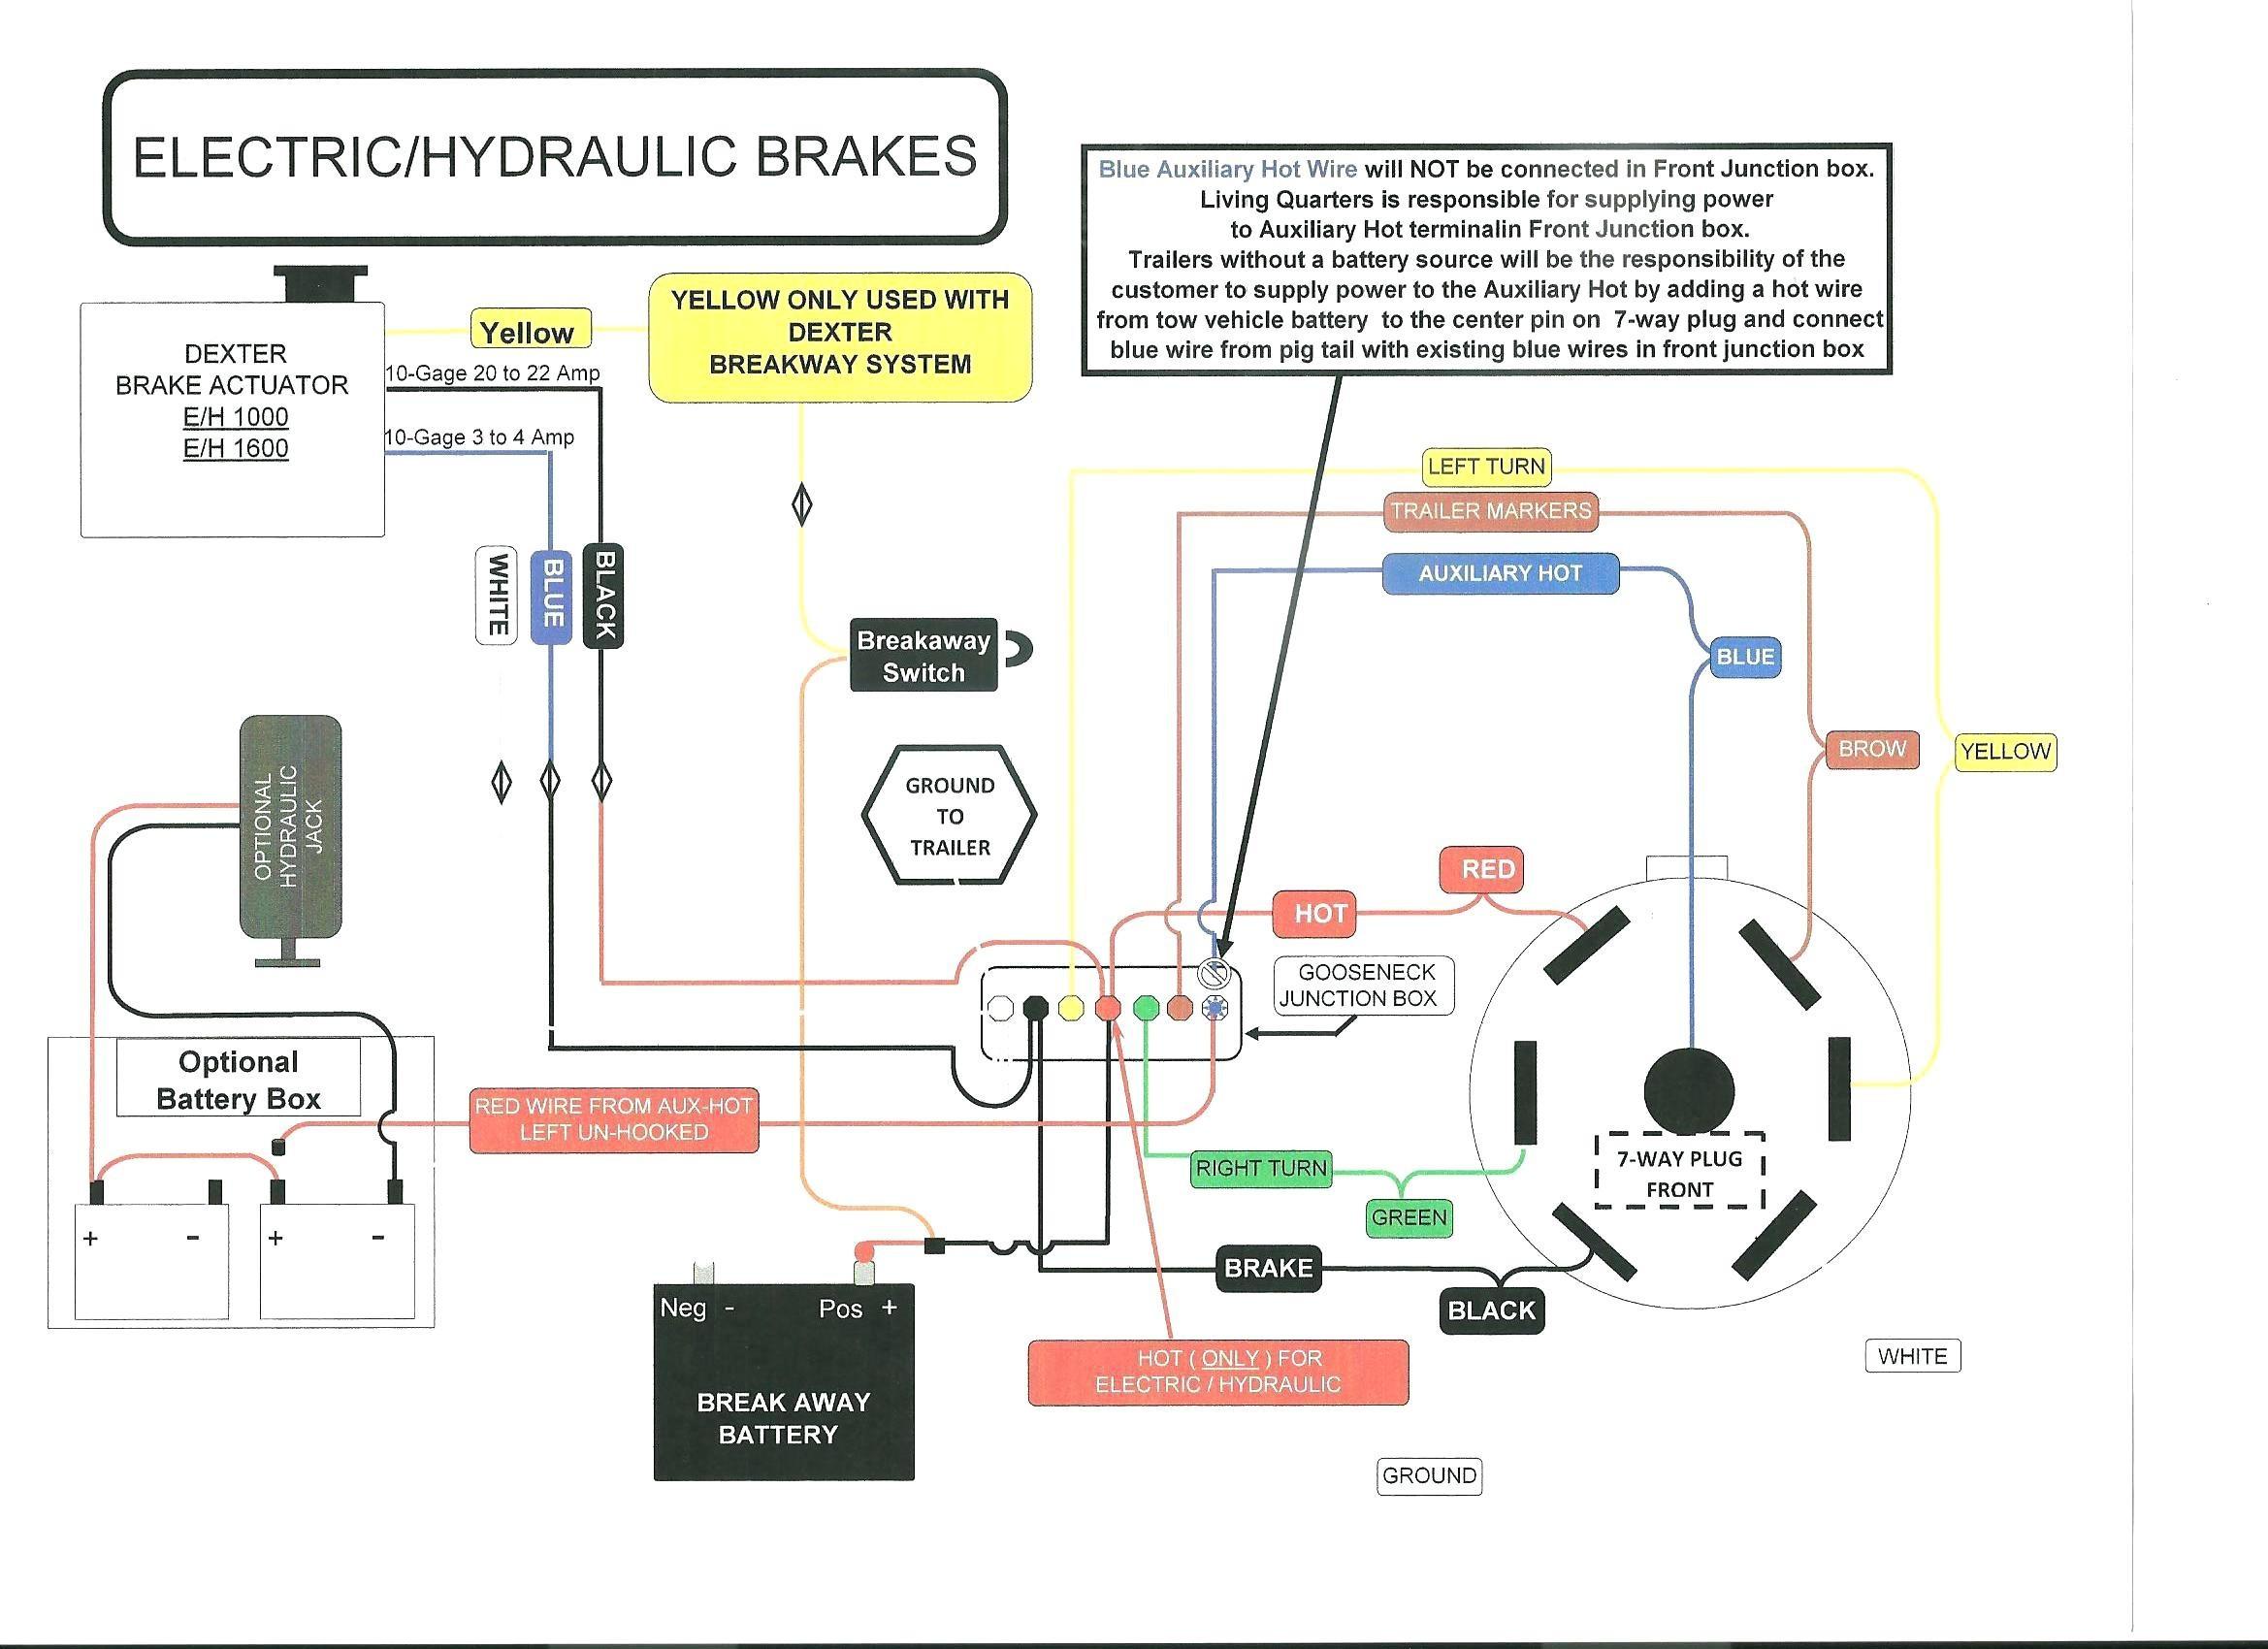 Break Away Systems Wiring Diagram Wiring Diagram Trailer Brakes Save 7 Electric Trailer Brake Wiring Of Break Away Systems Wiring Diagram